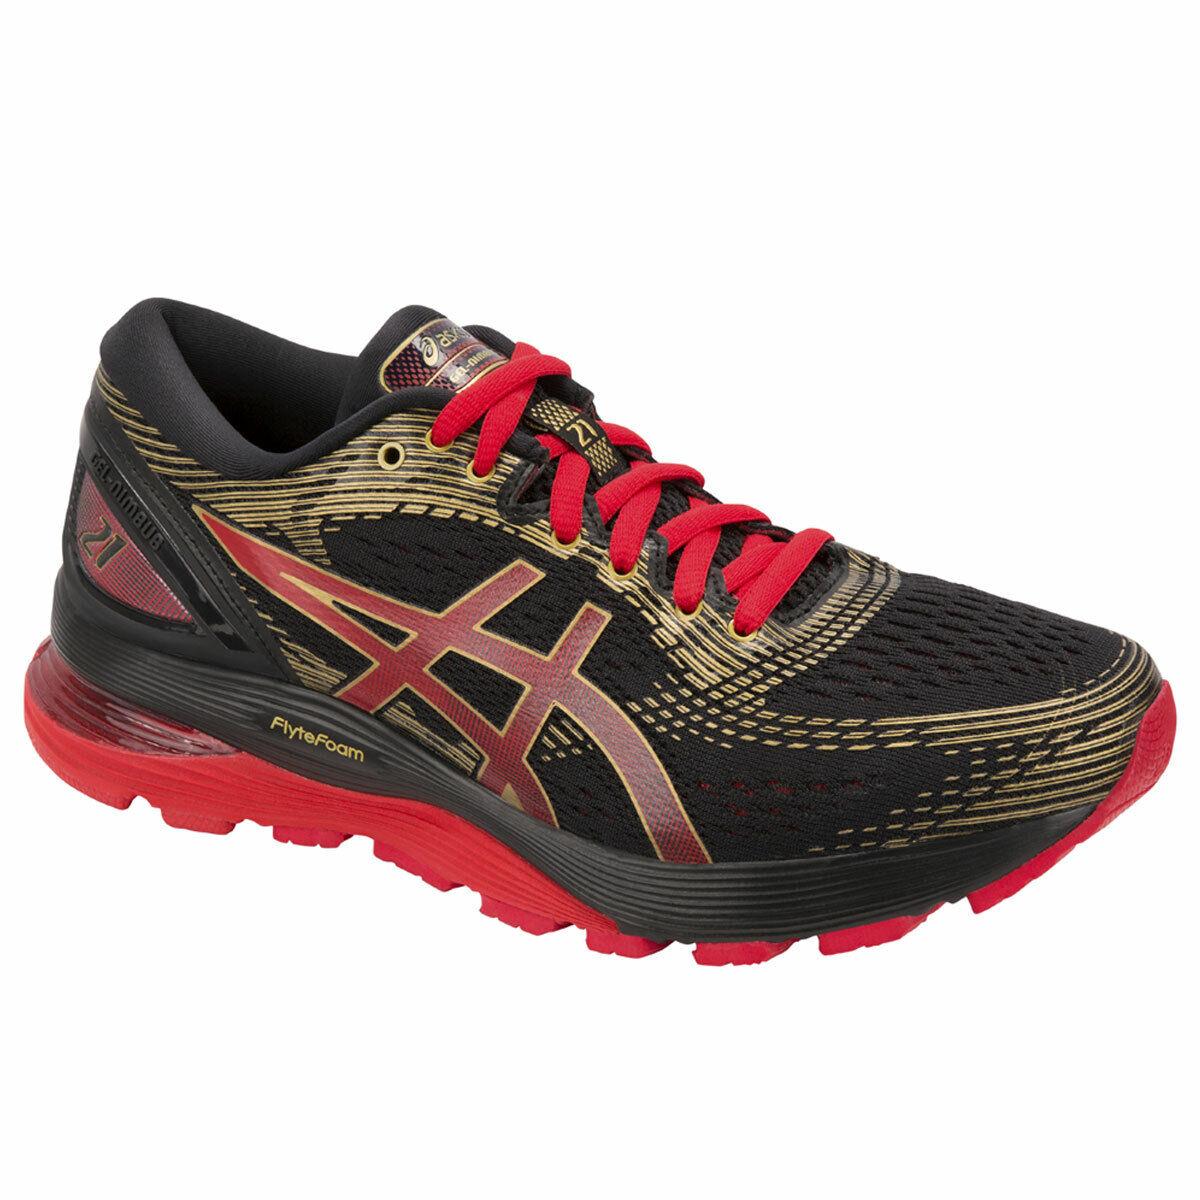 Asics GEL-Nimbus 21 Lady Laufschuhe   1012A235-001 Mehr Komfort für lange Läufe    eine breite Palette von Produkten